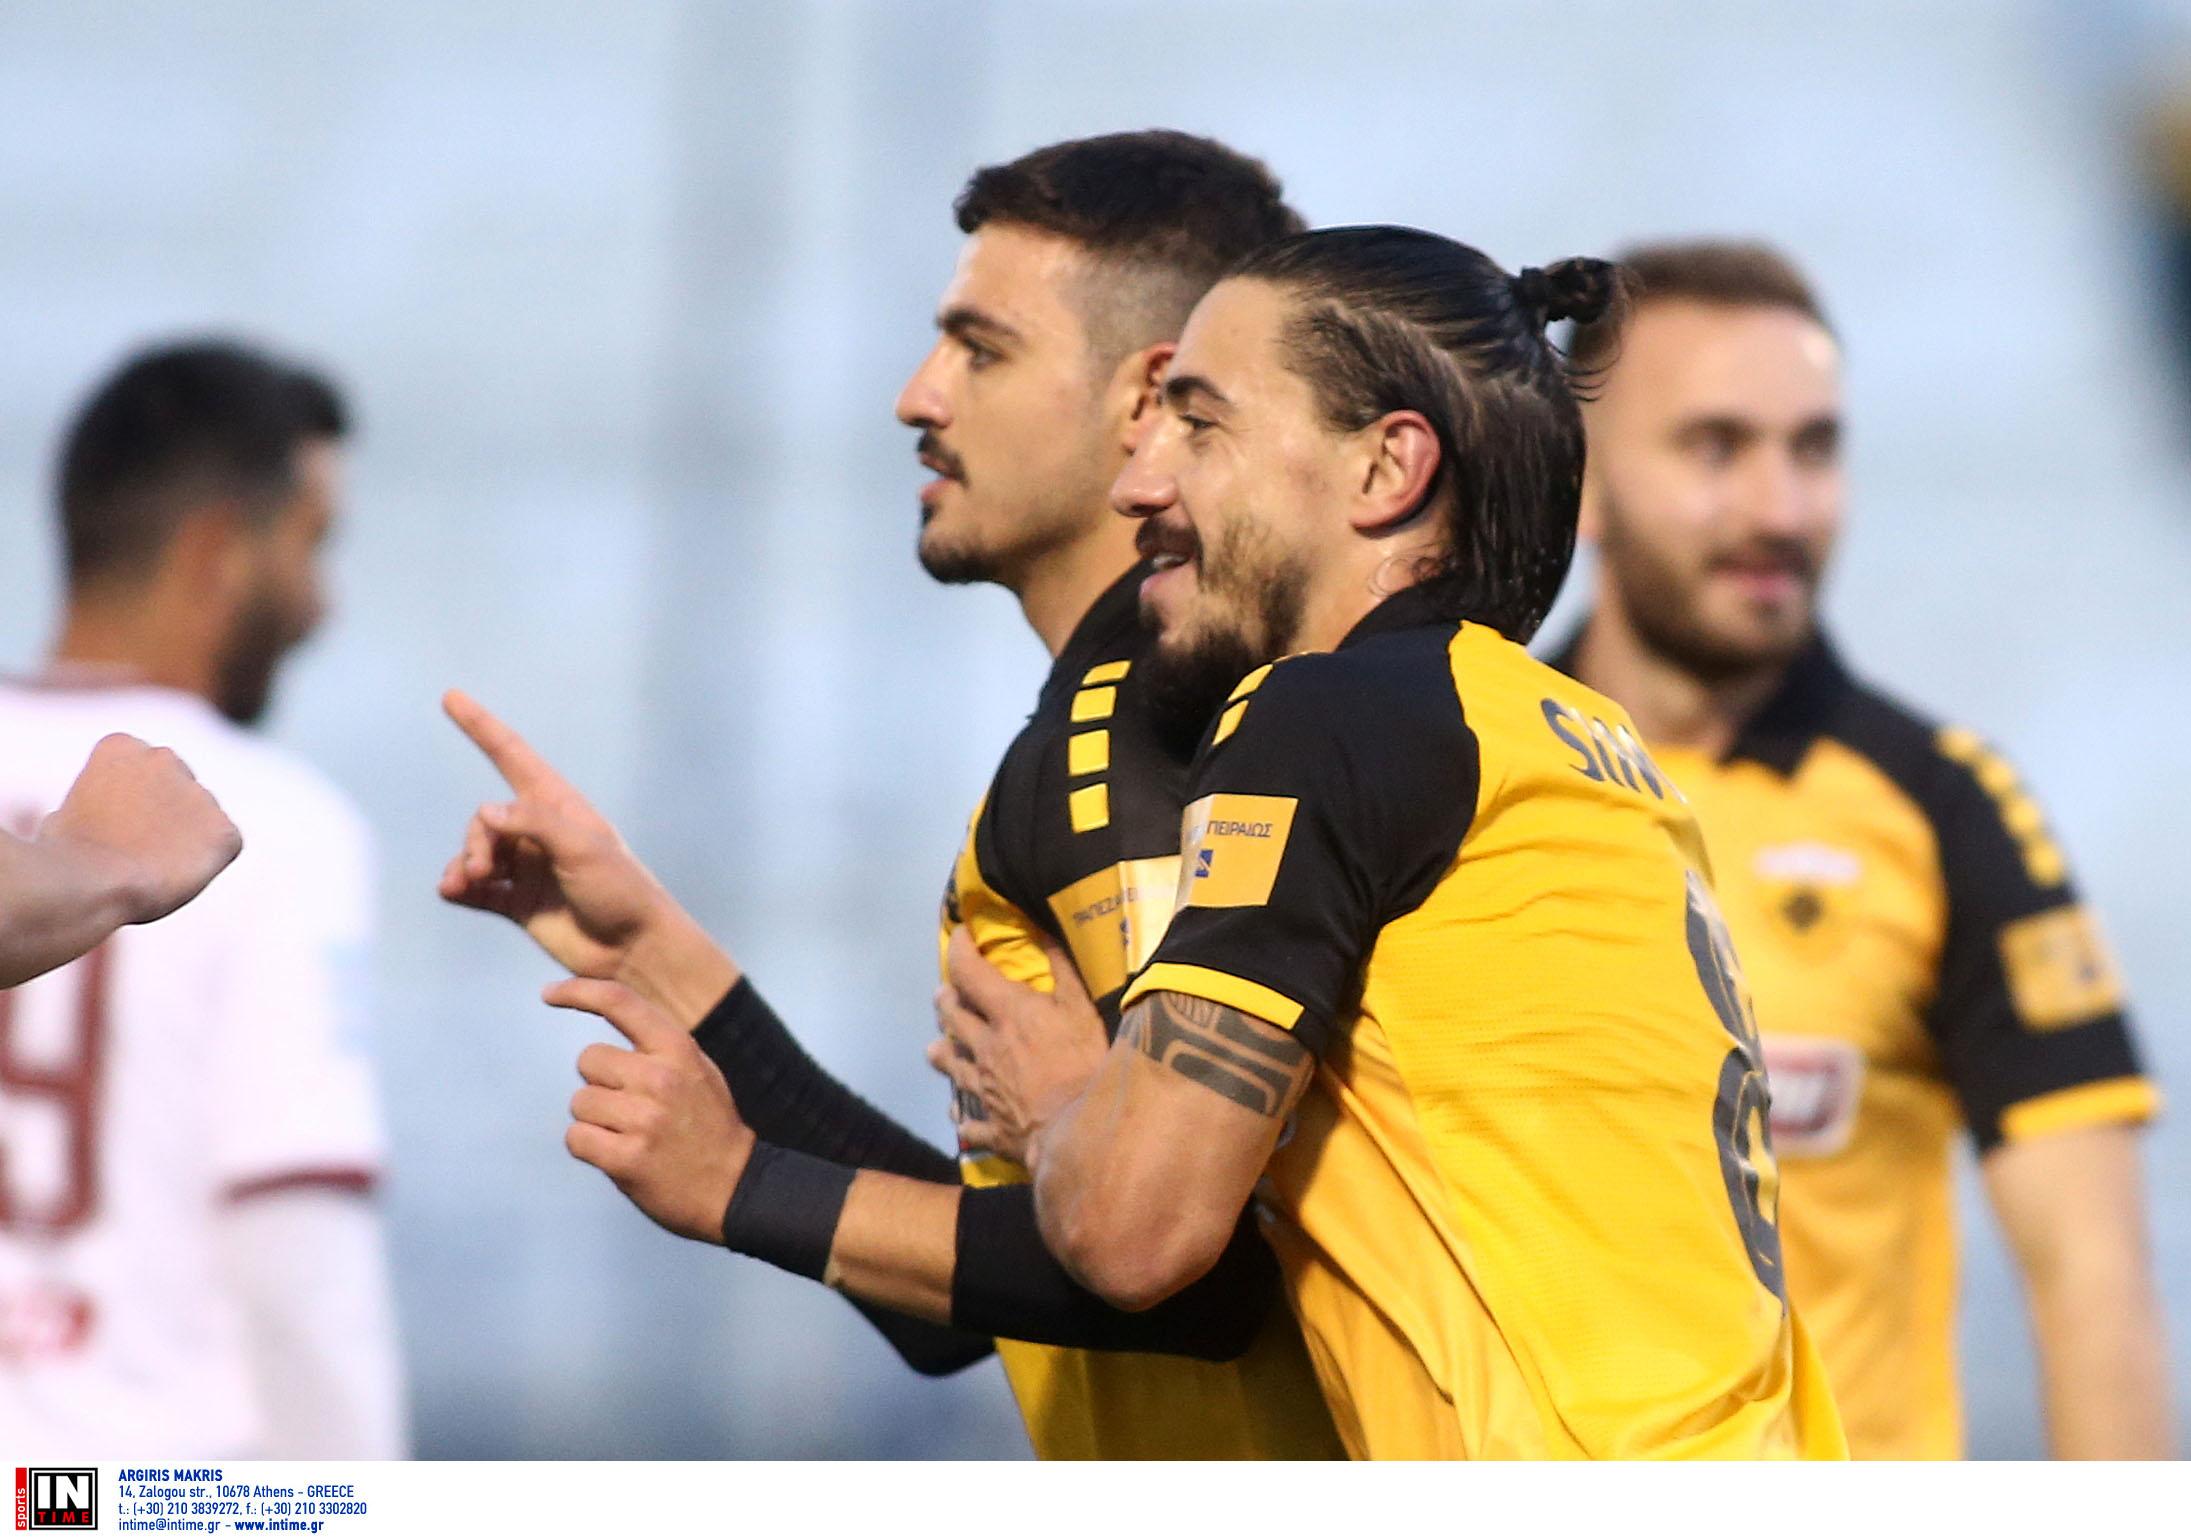 """Σιμόες: """"Ο Γαλανόπουλος ήταν μαθητής μου, συνέχισε έτσι Κώστα"""" (pic)"""